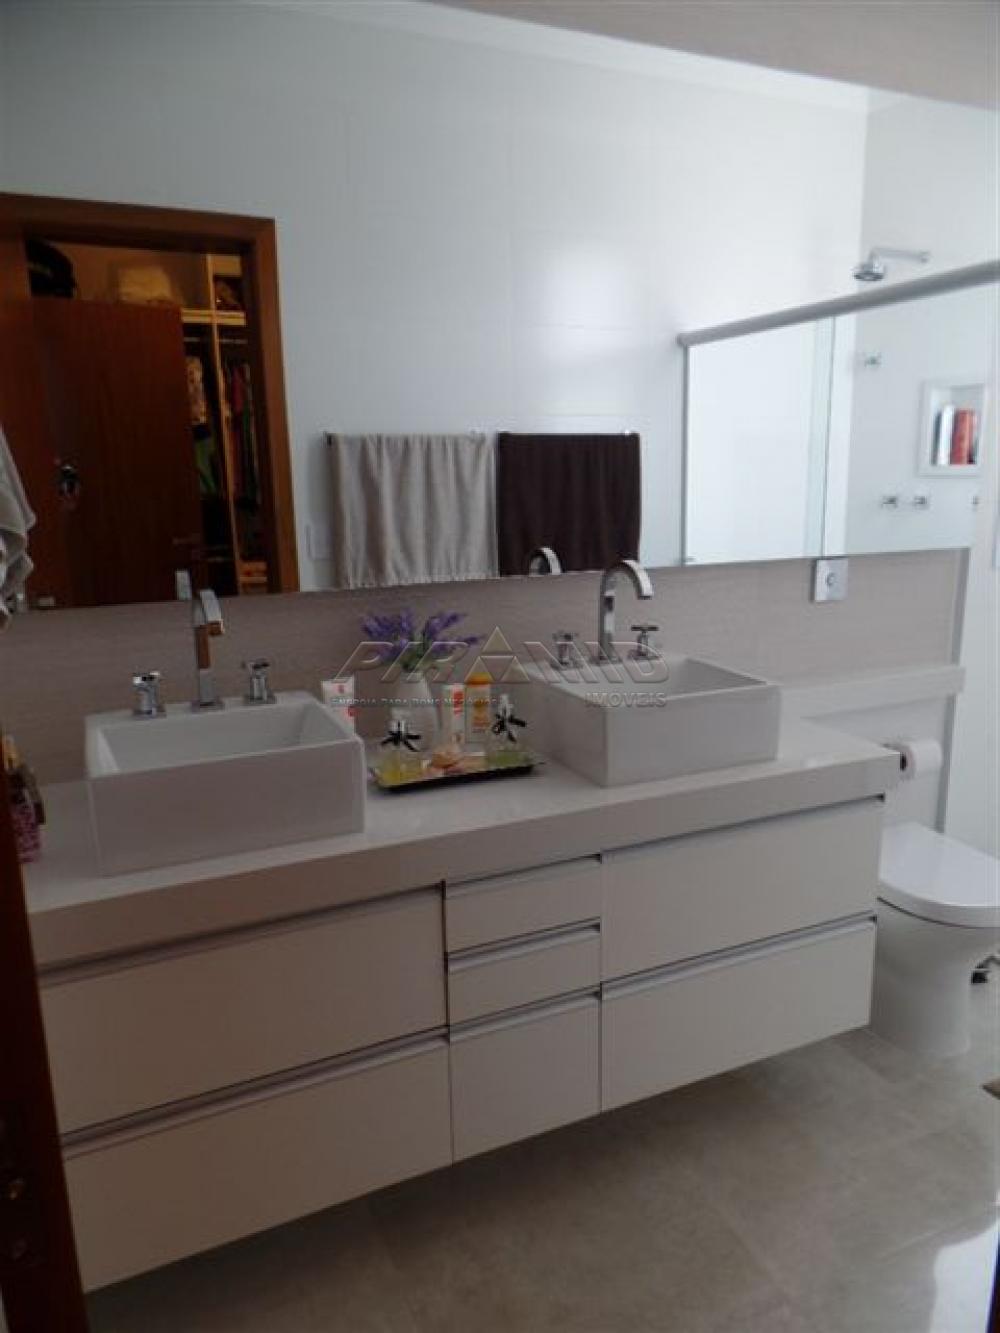 Comprar Casa / Condomínio em Bonfim Paulista apenas R$ 1.630.000,00 - Foto 27